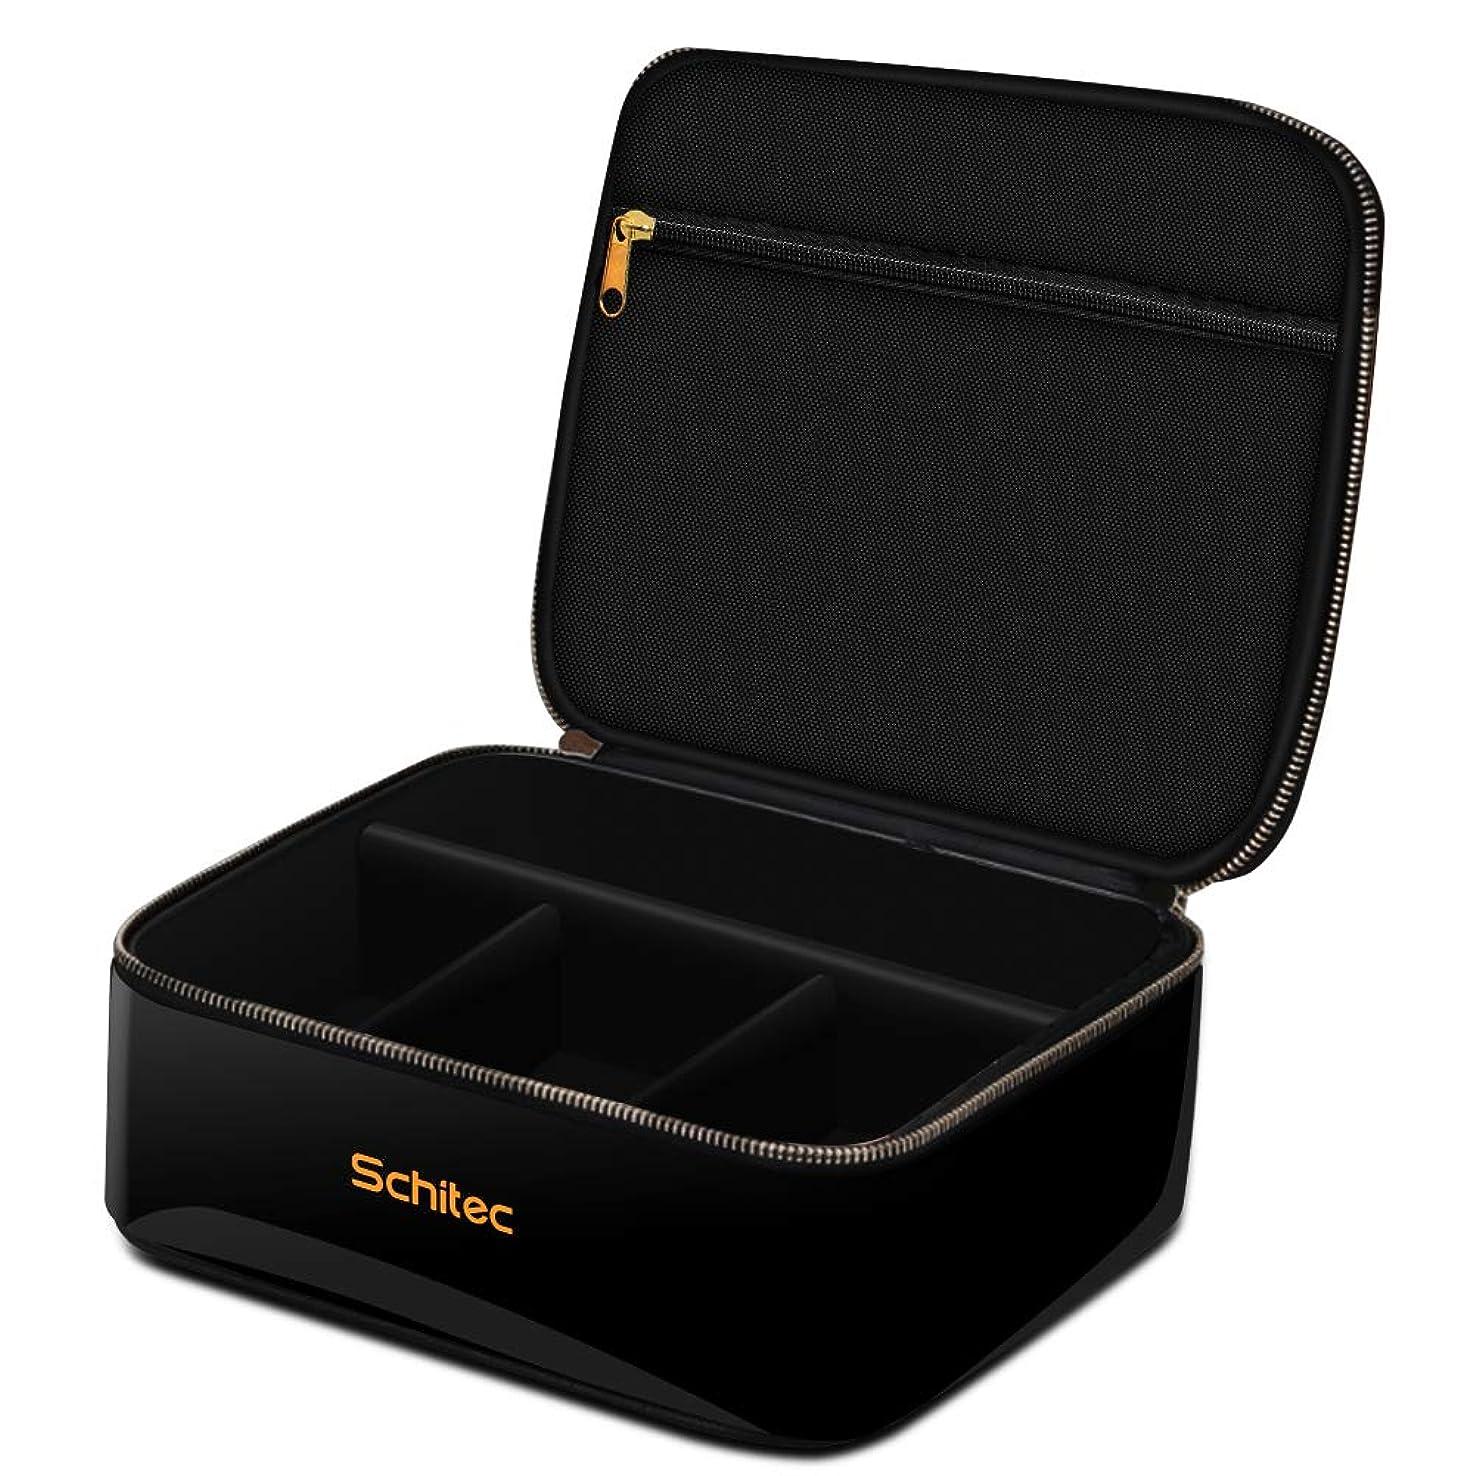 嬉しいですクッションレオナルドダメイクボックス プロ用 化粧バッグ 化粧箱 大容量 普段使い 出張 旅行 トラベルポーチ 化粧ポーチ